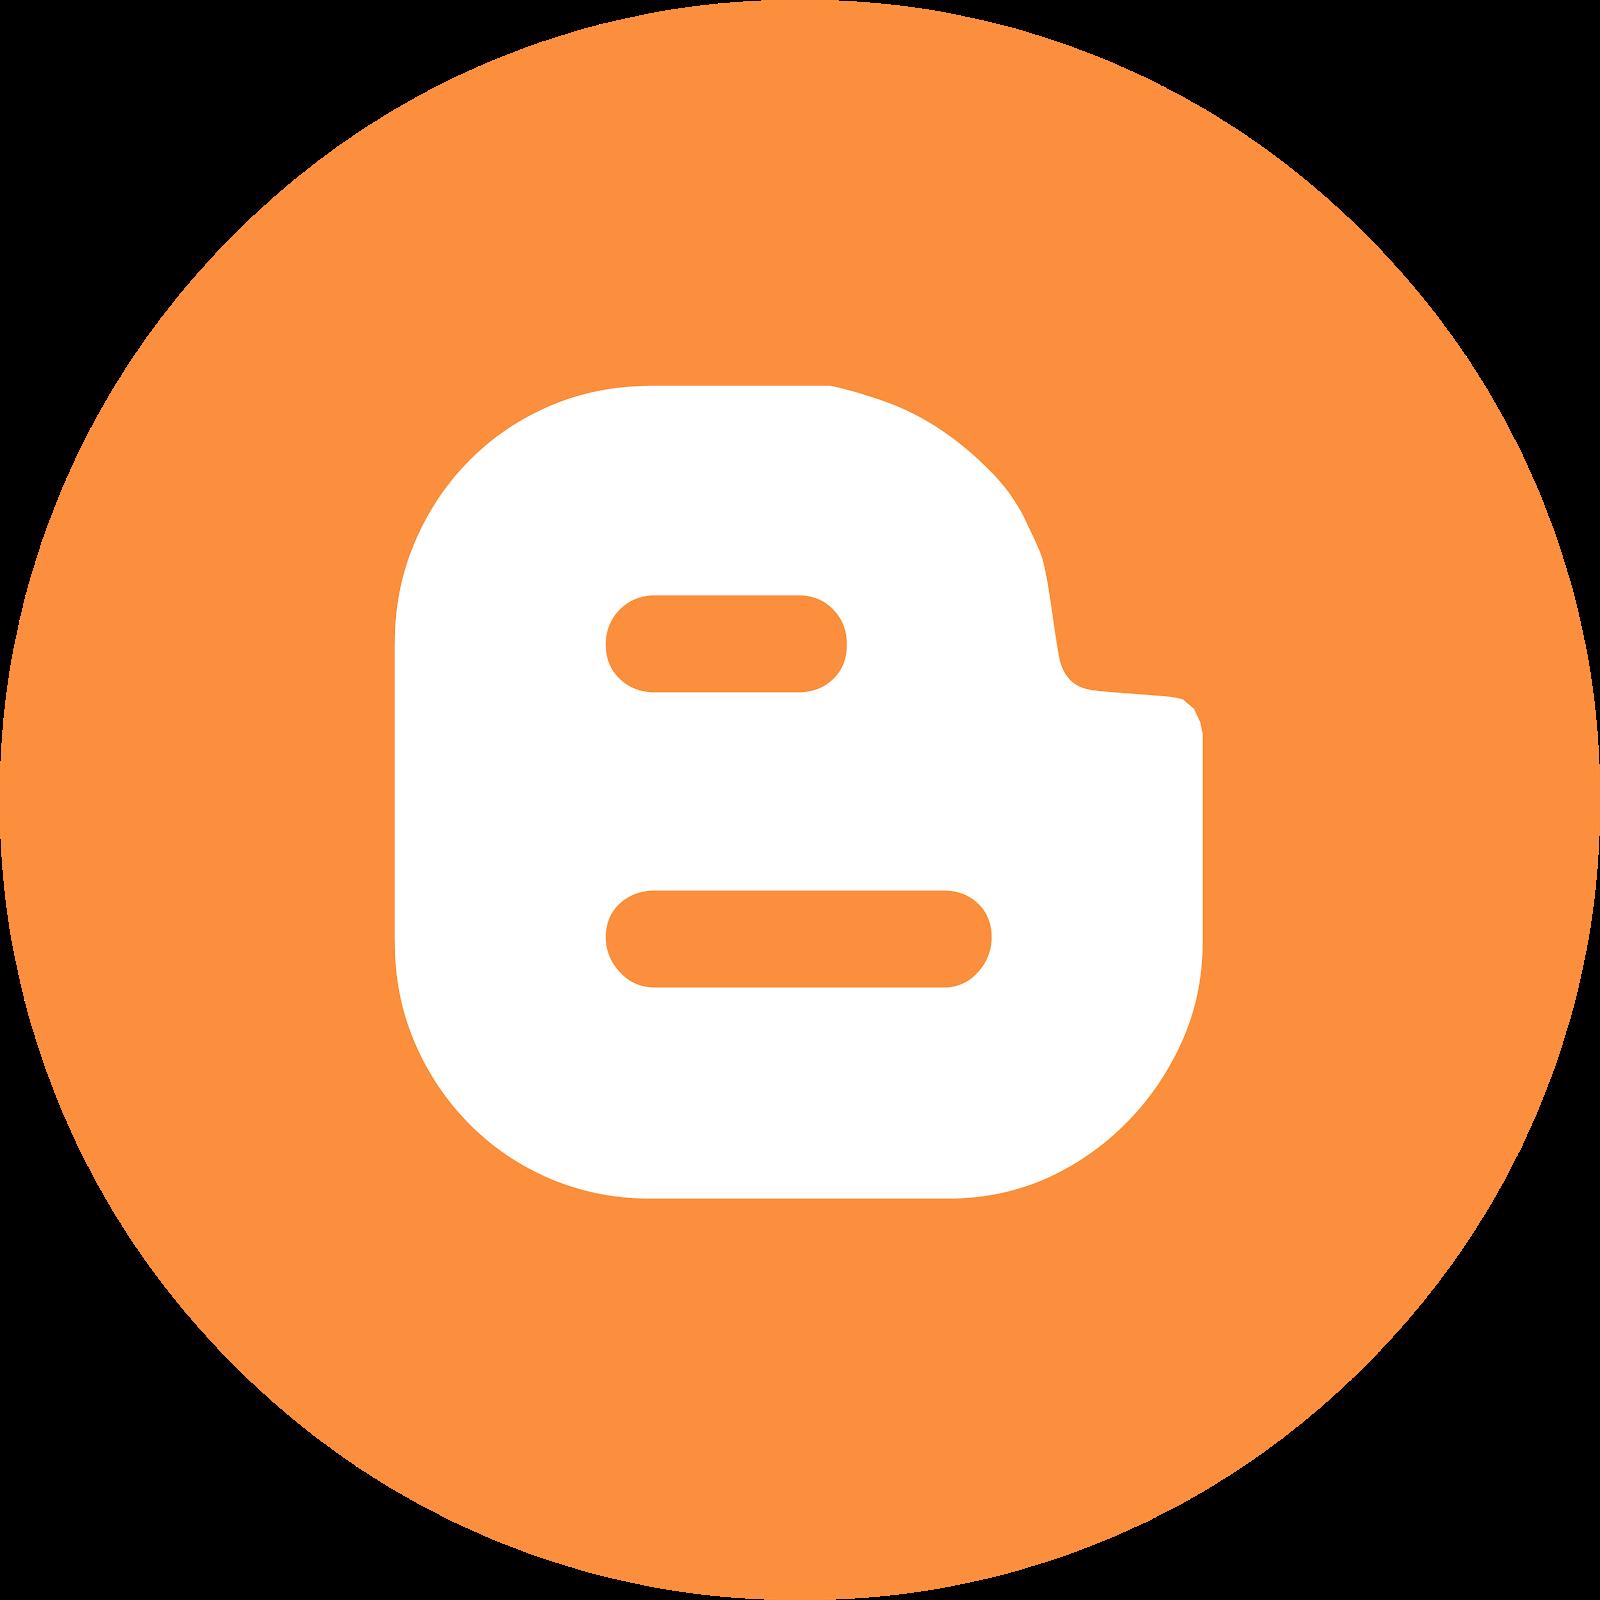 download logo blogger vector svg eps png psd ai - el fonts vectors